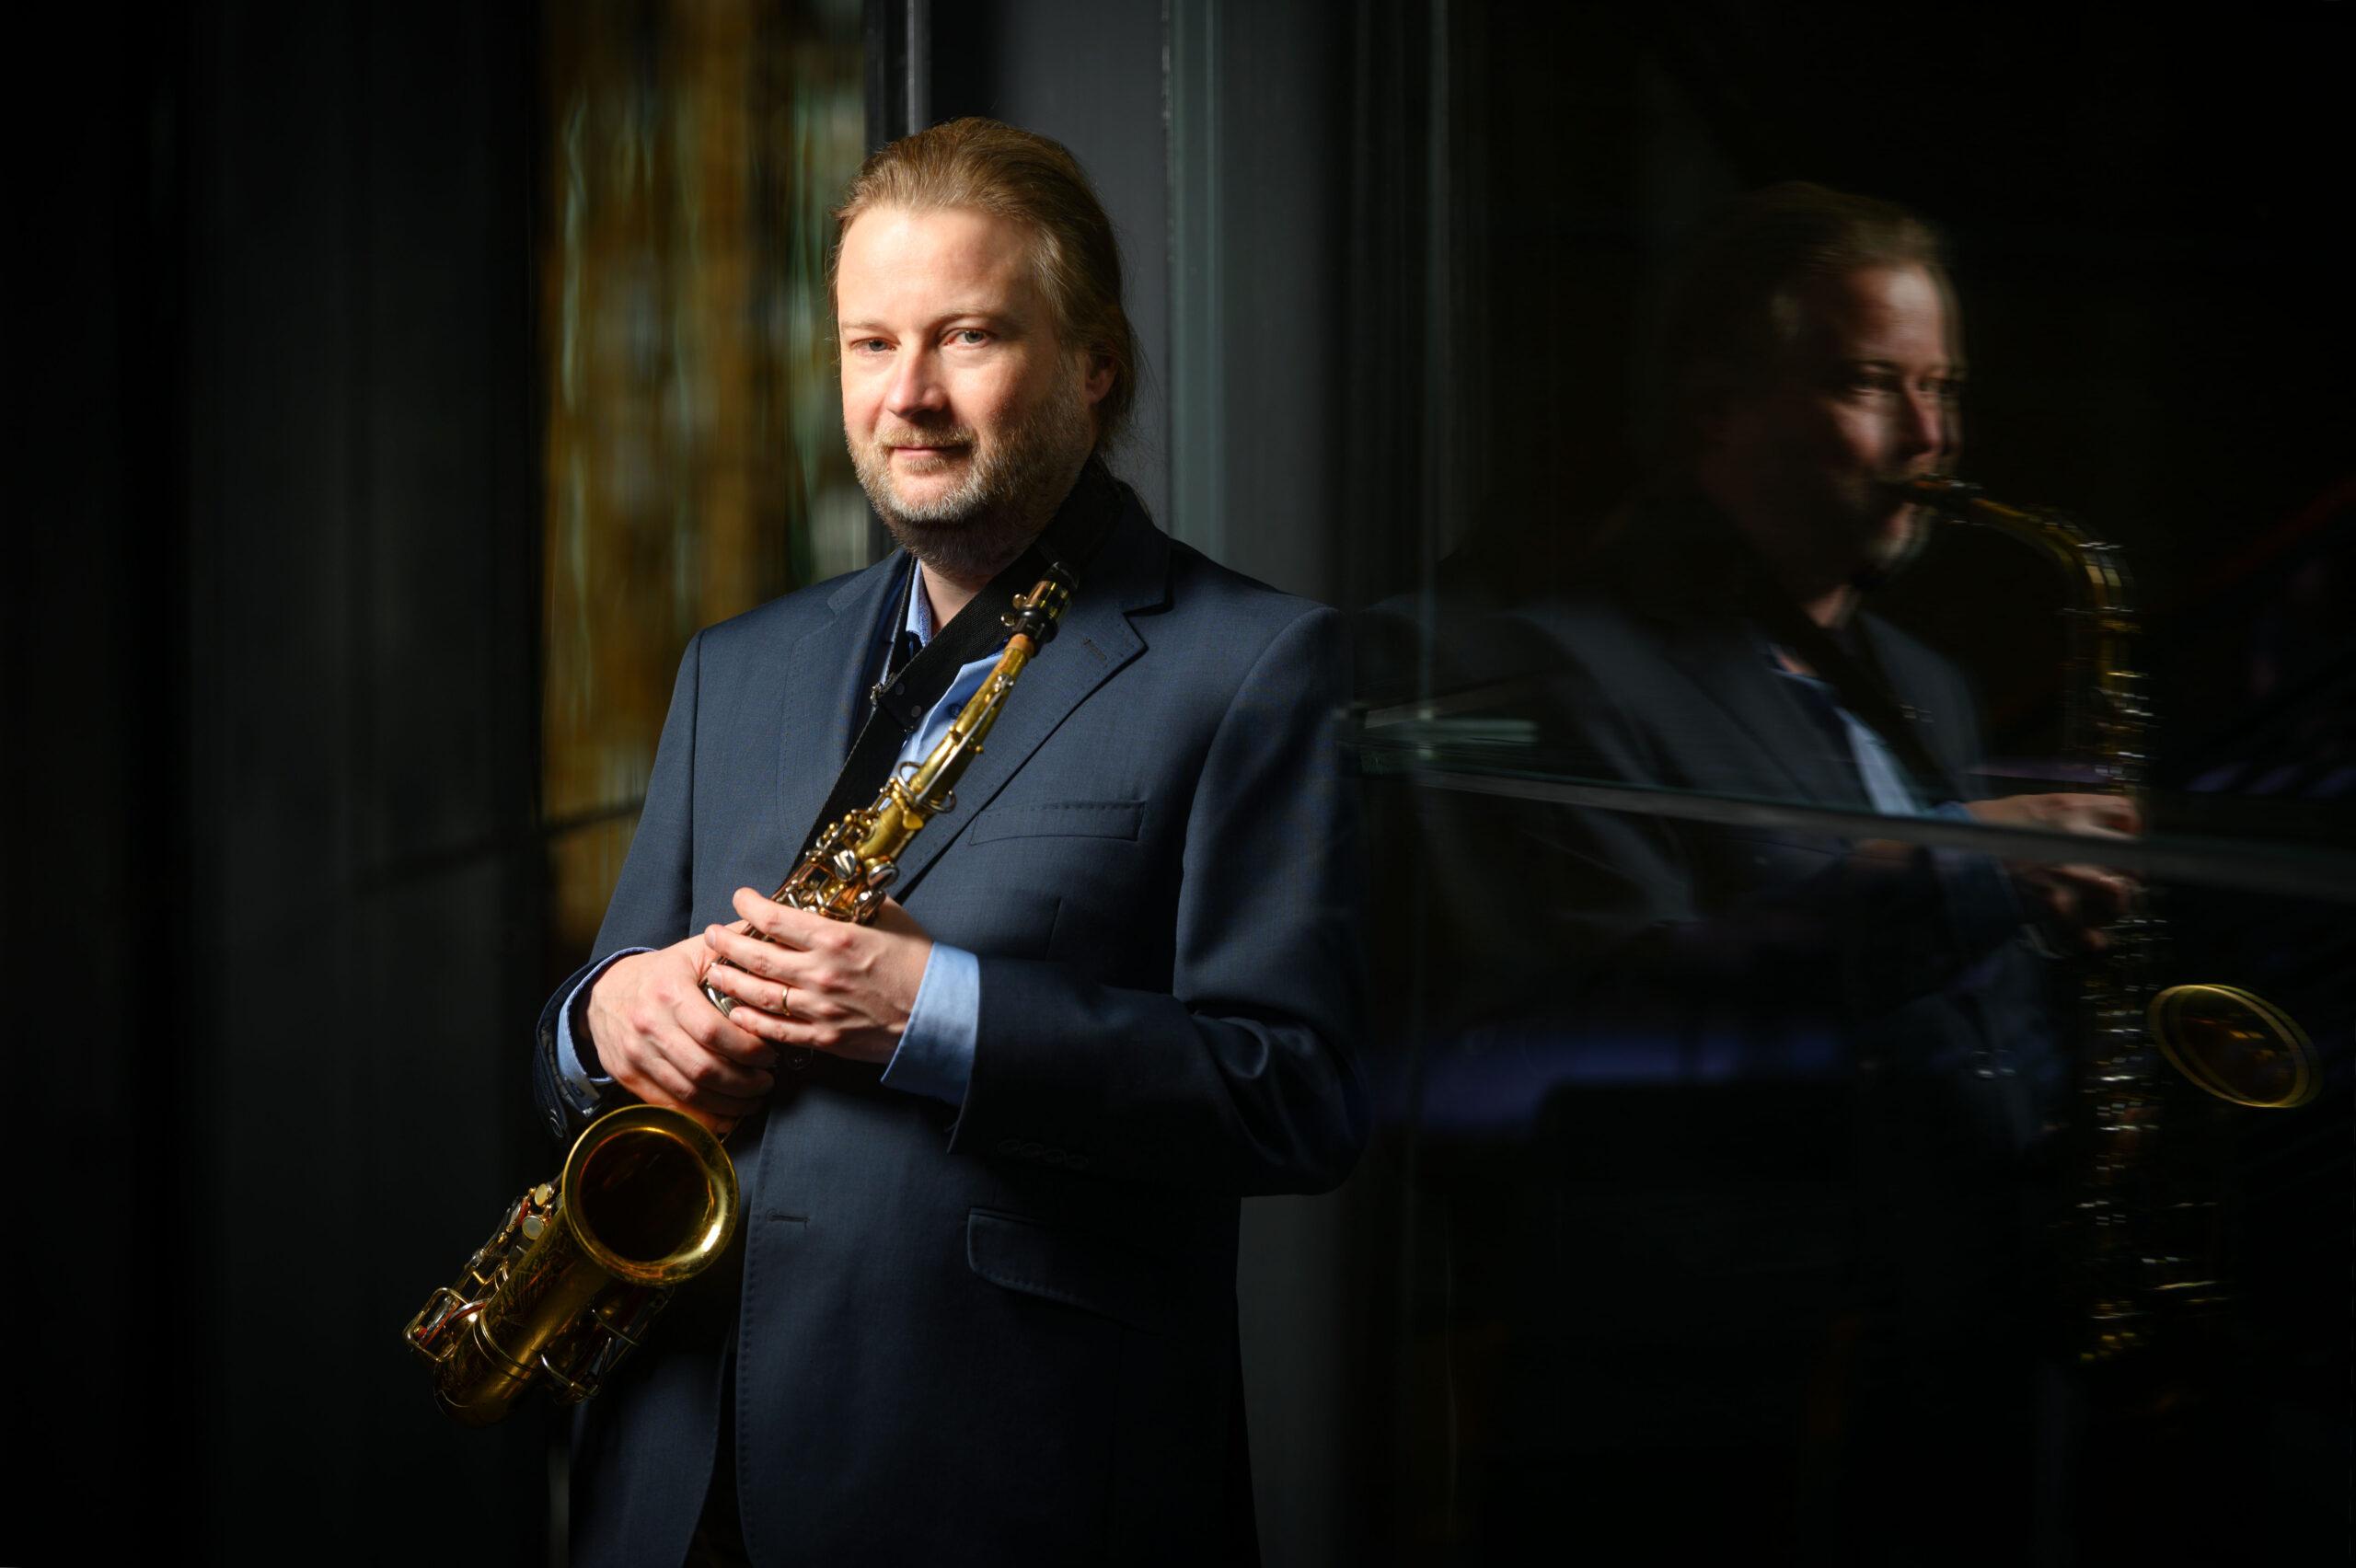 rehtori Juha Järvinen saksofoni kädessään